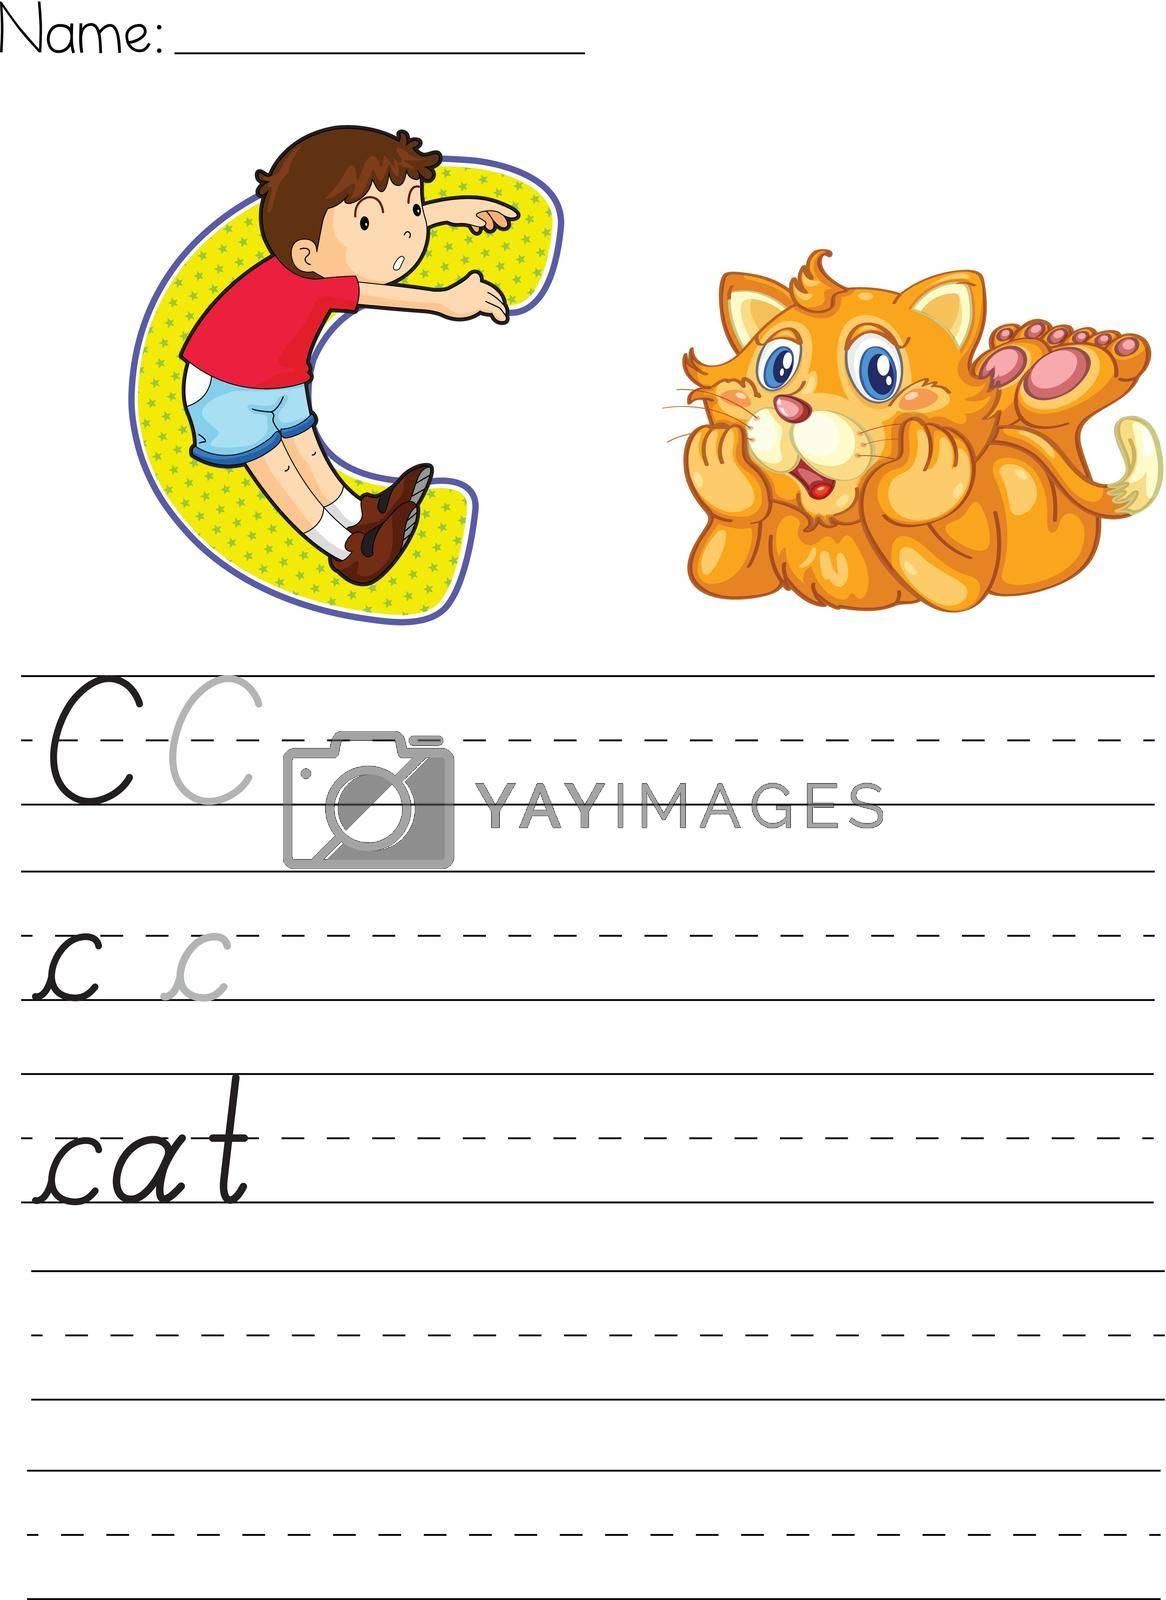 Alphabet worksheet of the letter C